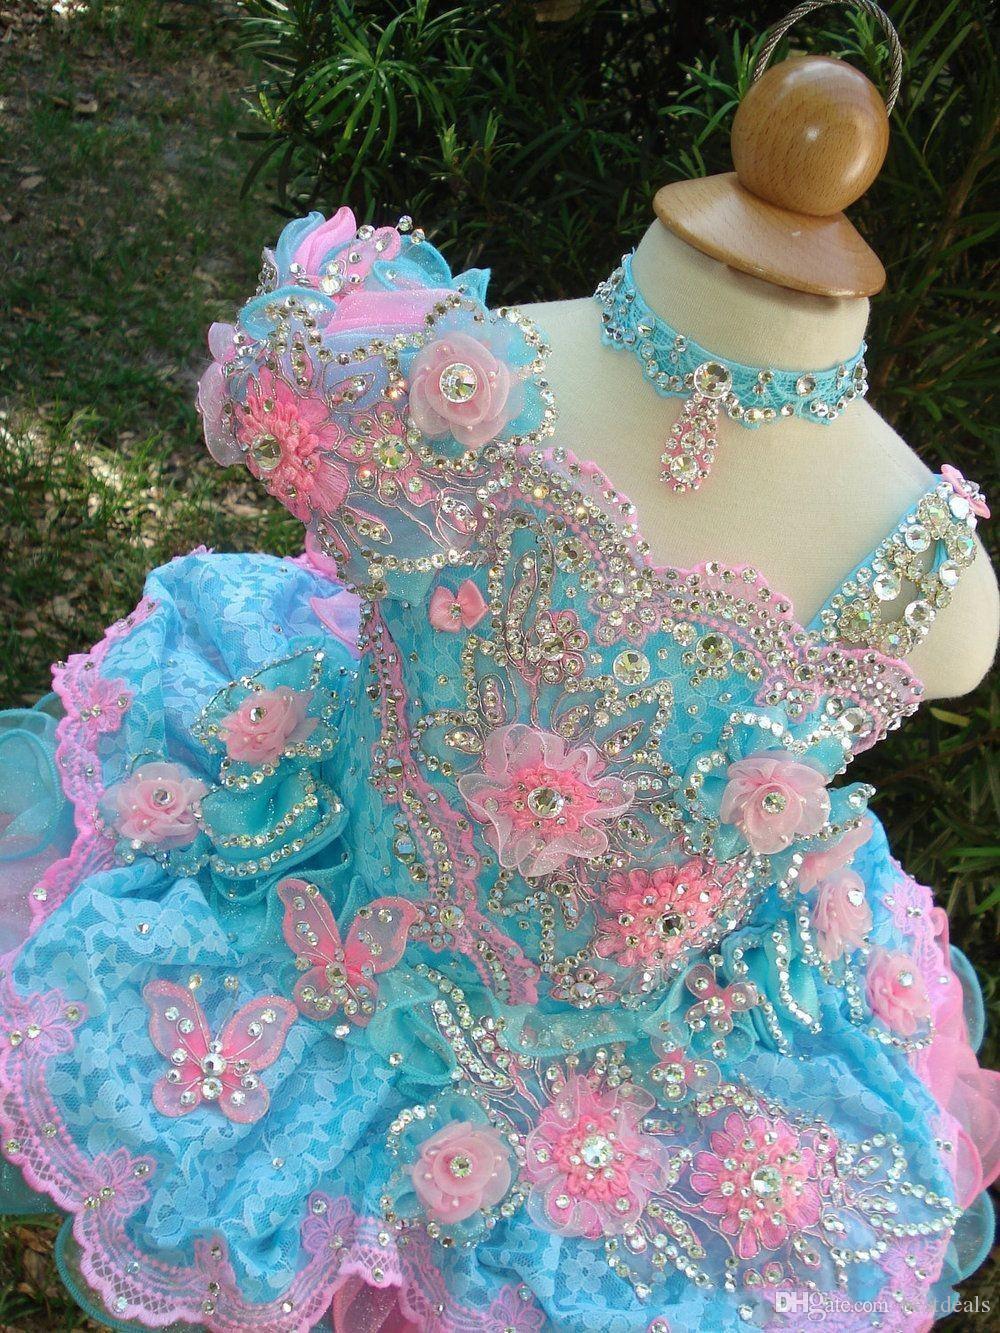 Sevimli kızın Cupcake Pageant Elbiseler 2017 Balo Dantel Çiçek Kız Elbise El Yapımı Çiçekler Boncuk Kristaller Katlı Toddler Pageant elbise